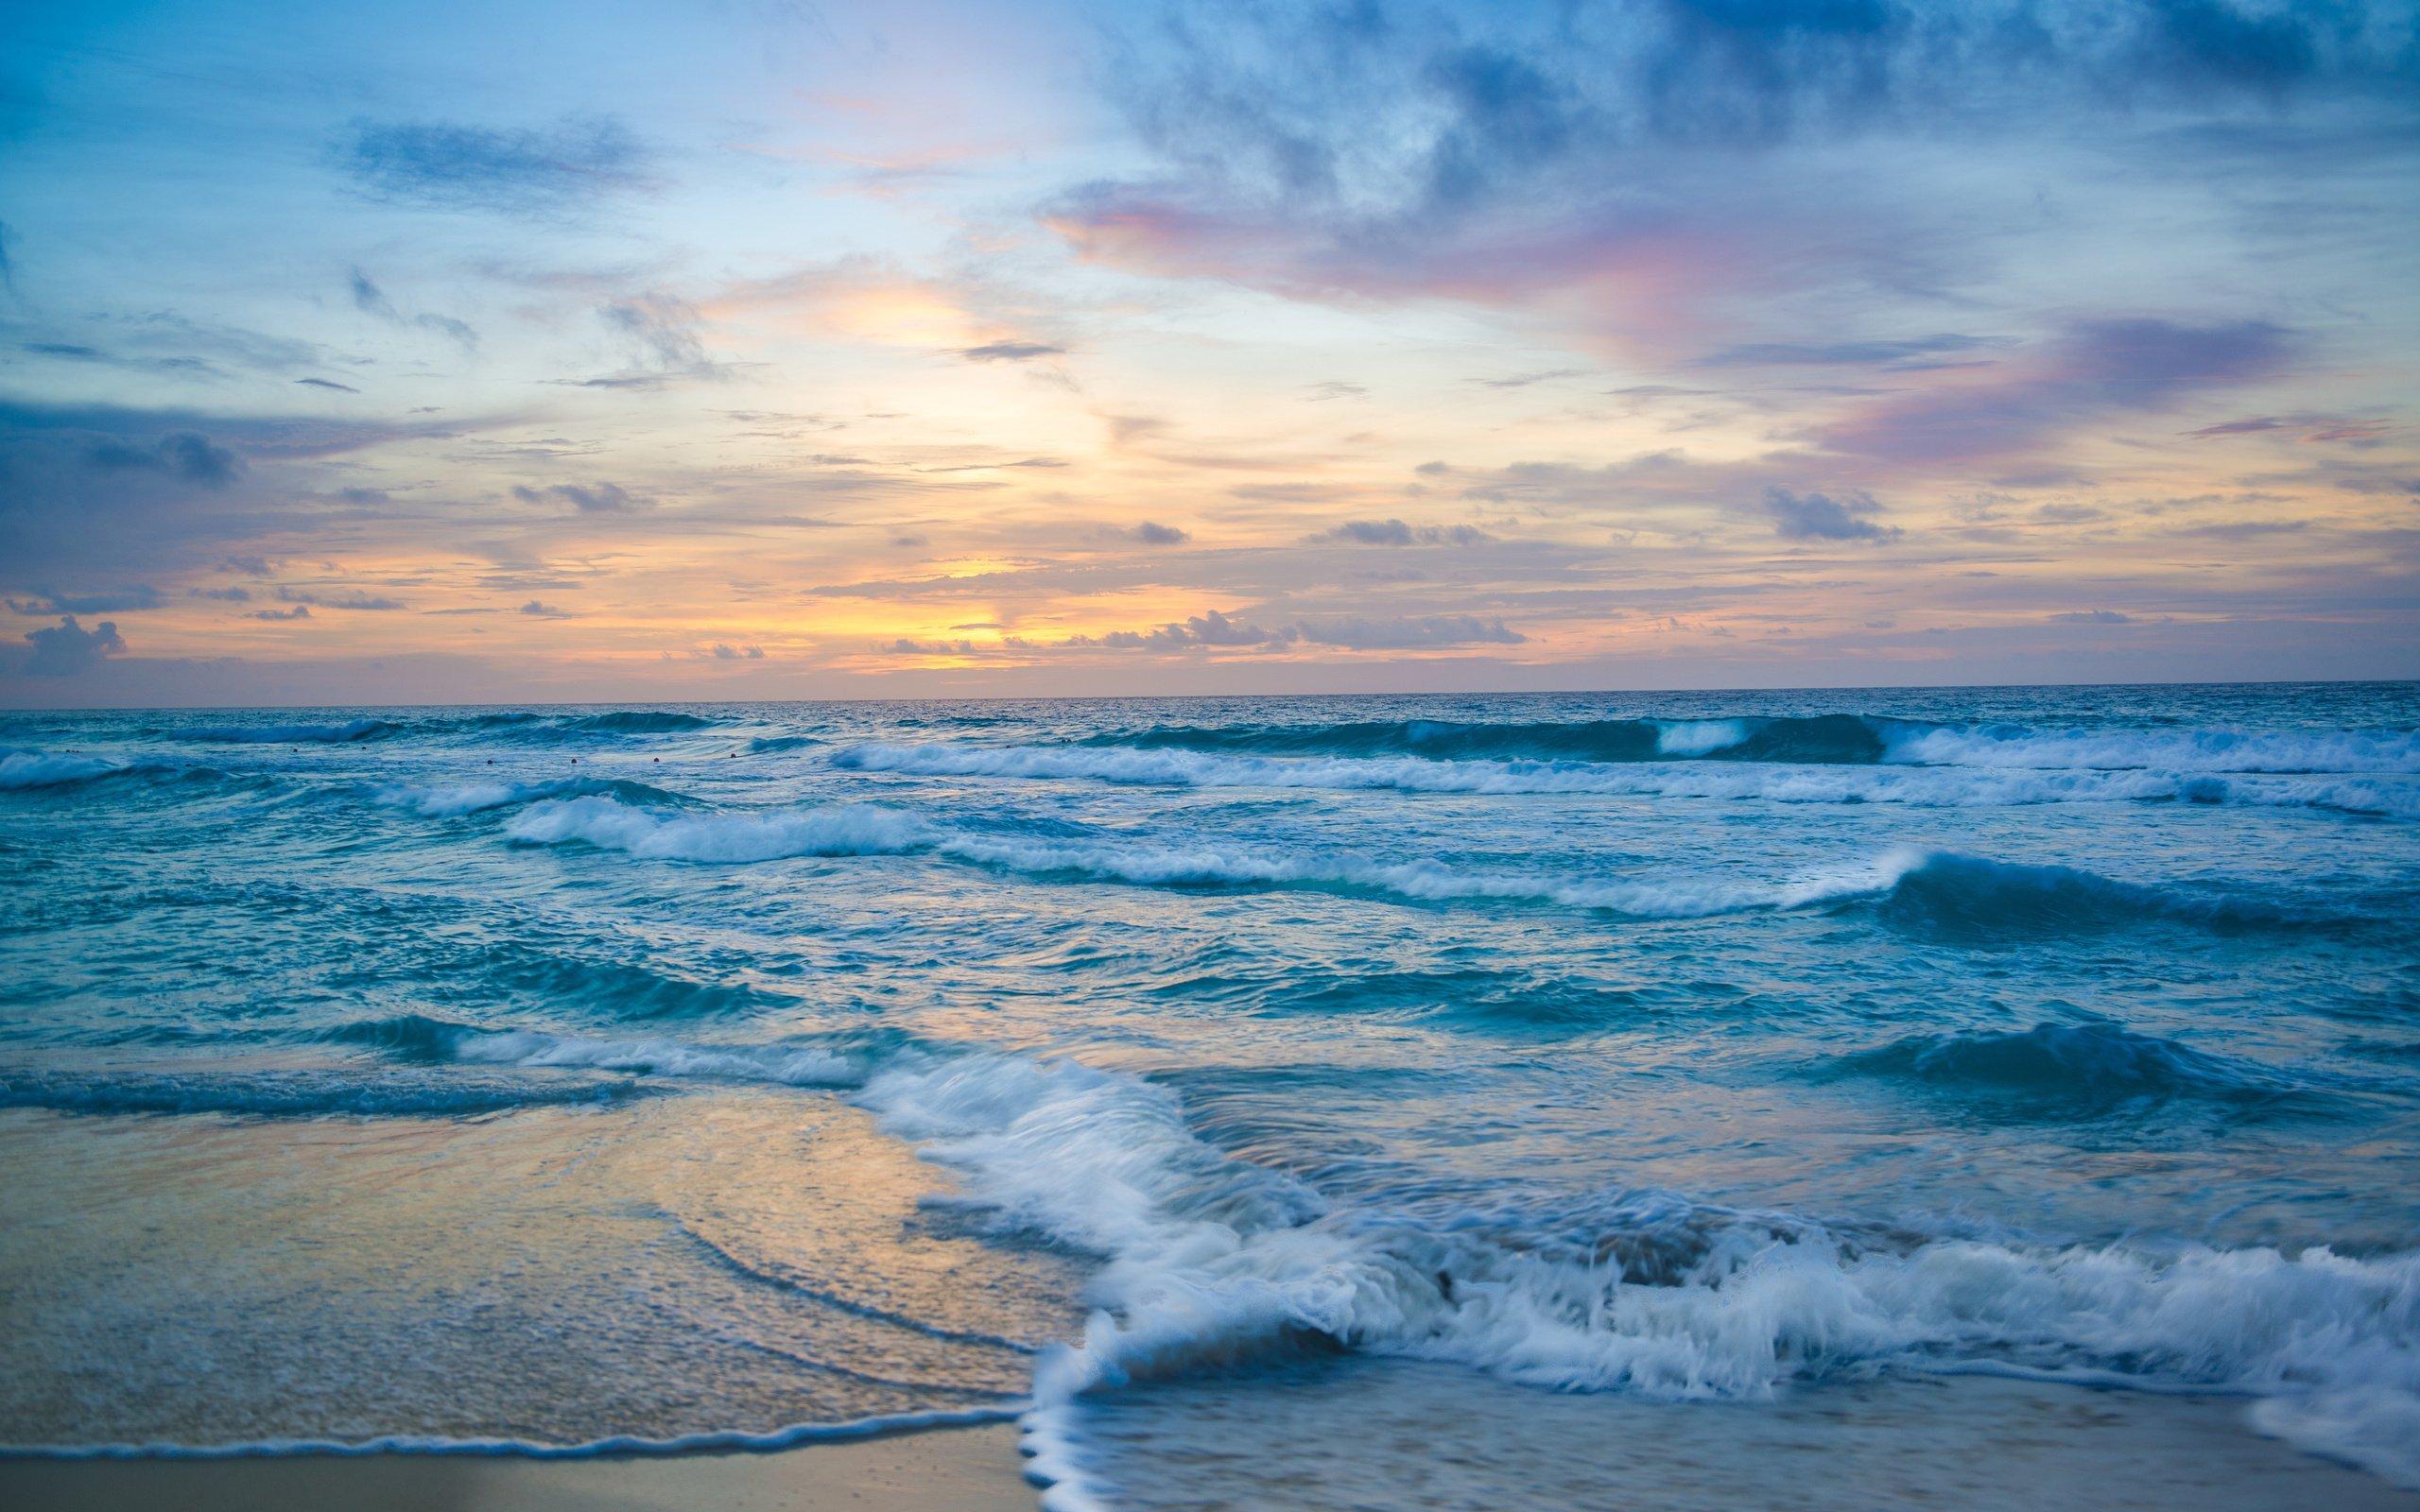 دریاها در قیامت آتش میگیرند